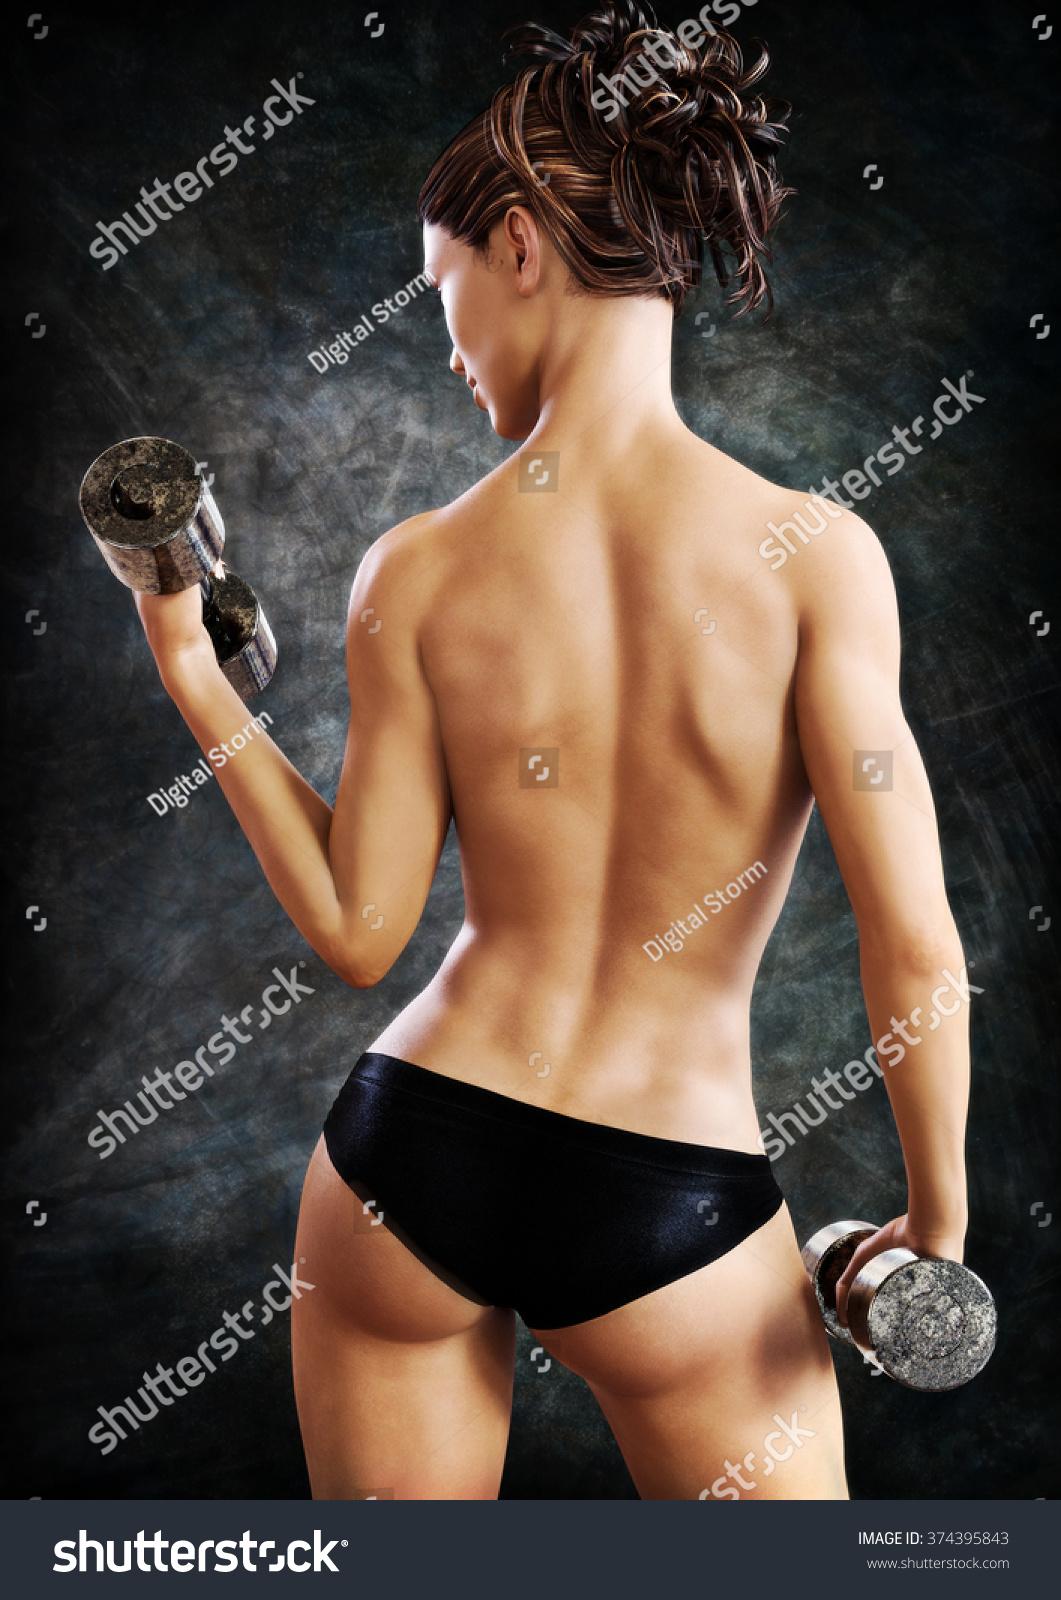 Nude urheilullinen mallit